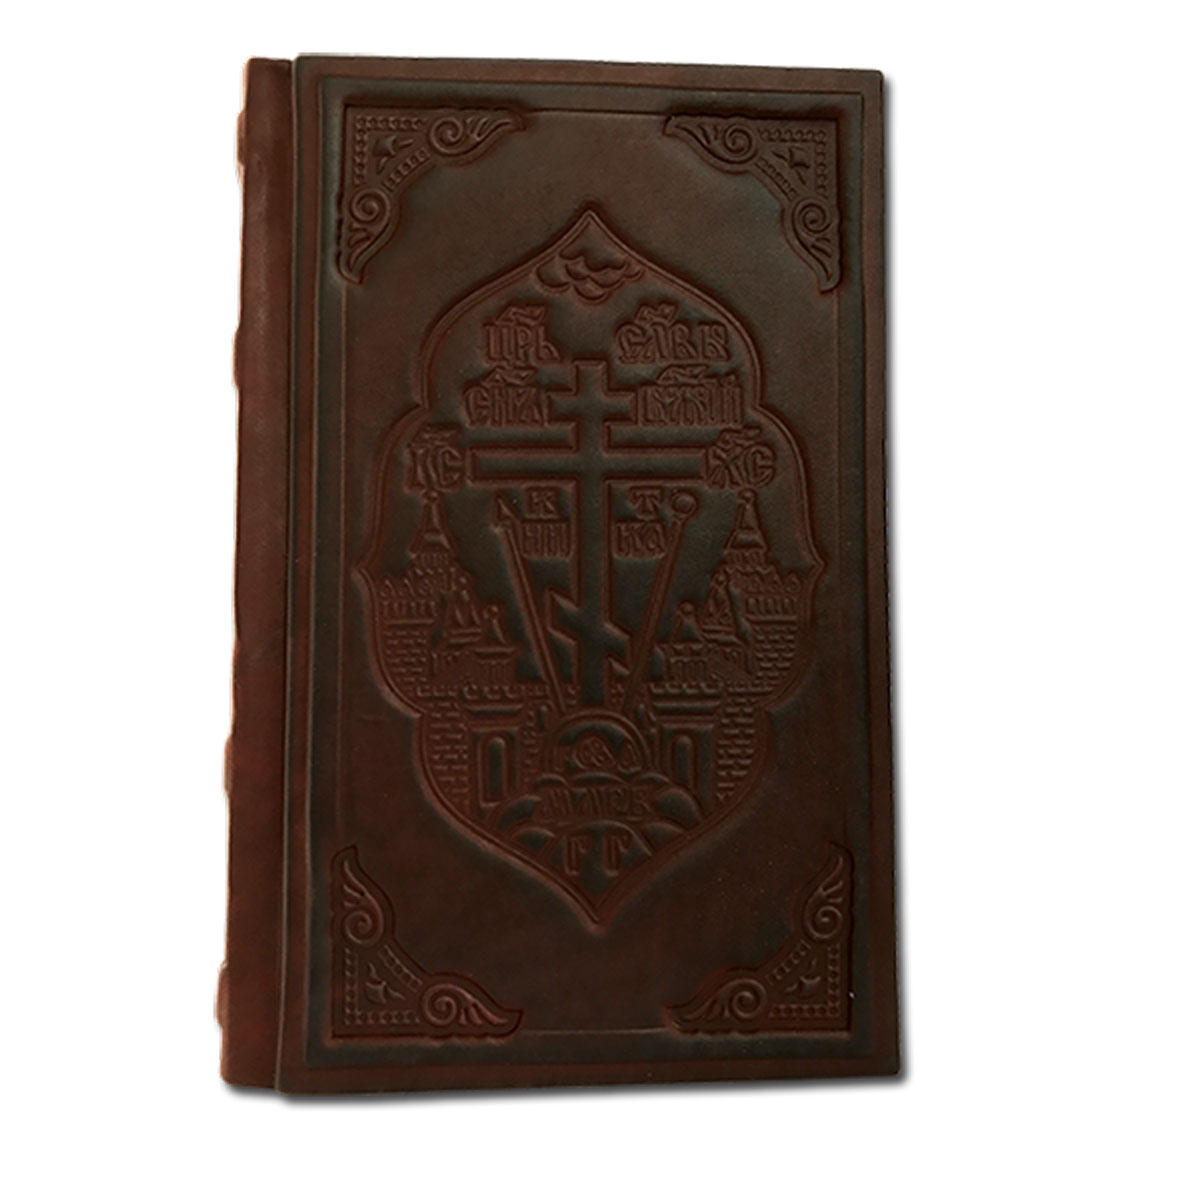 Святое Евангелие (подарочное издание) повесть временных лет подарочное издание